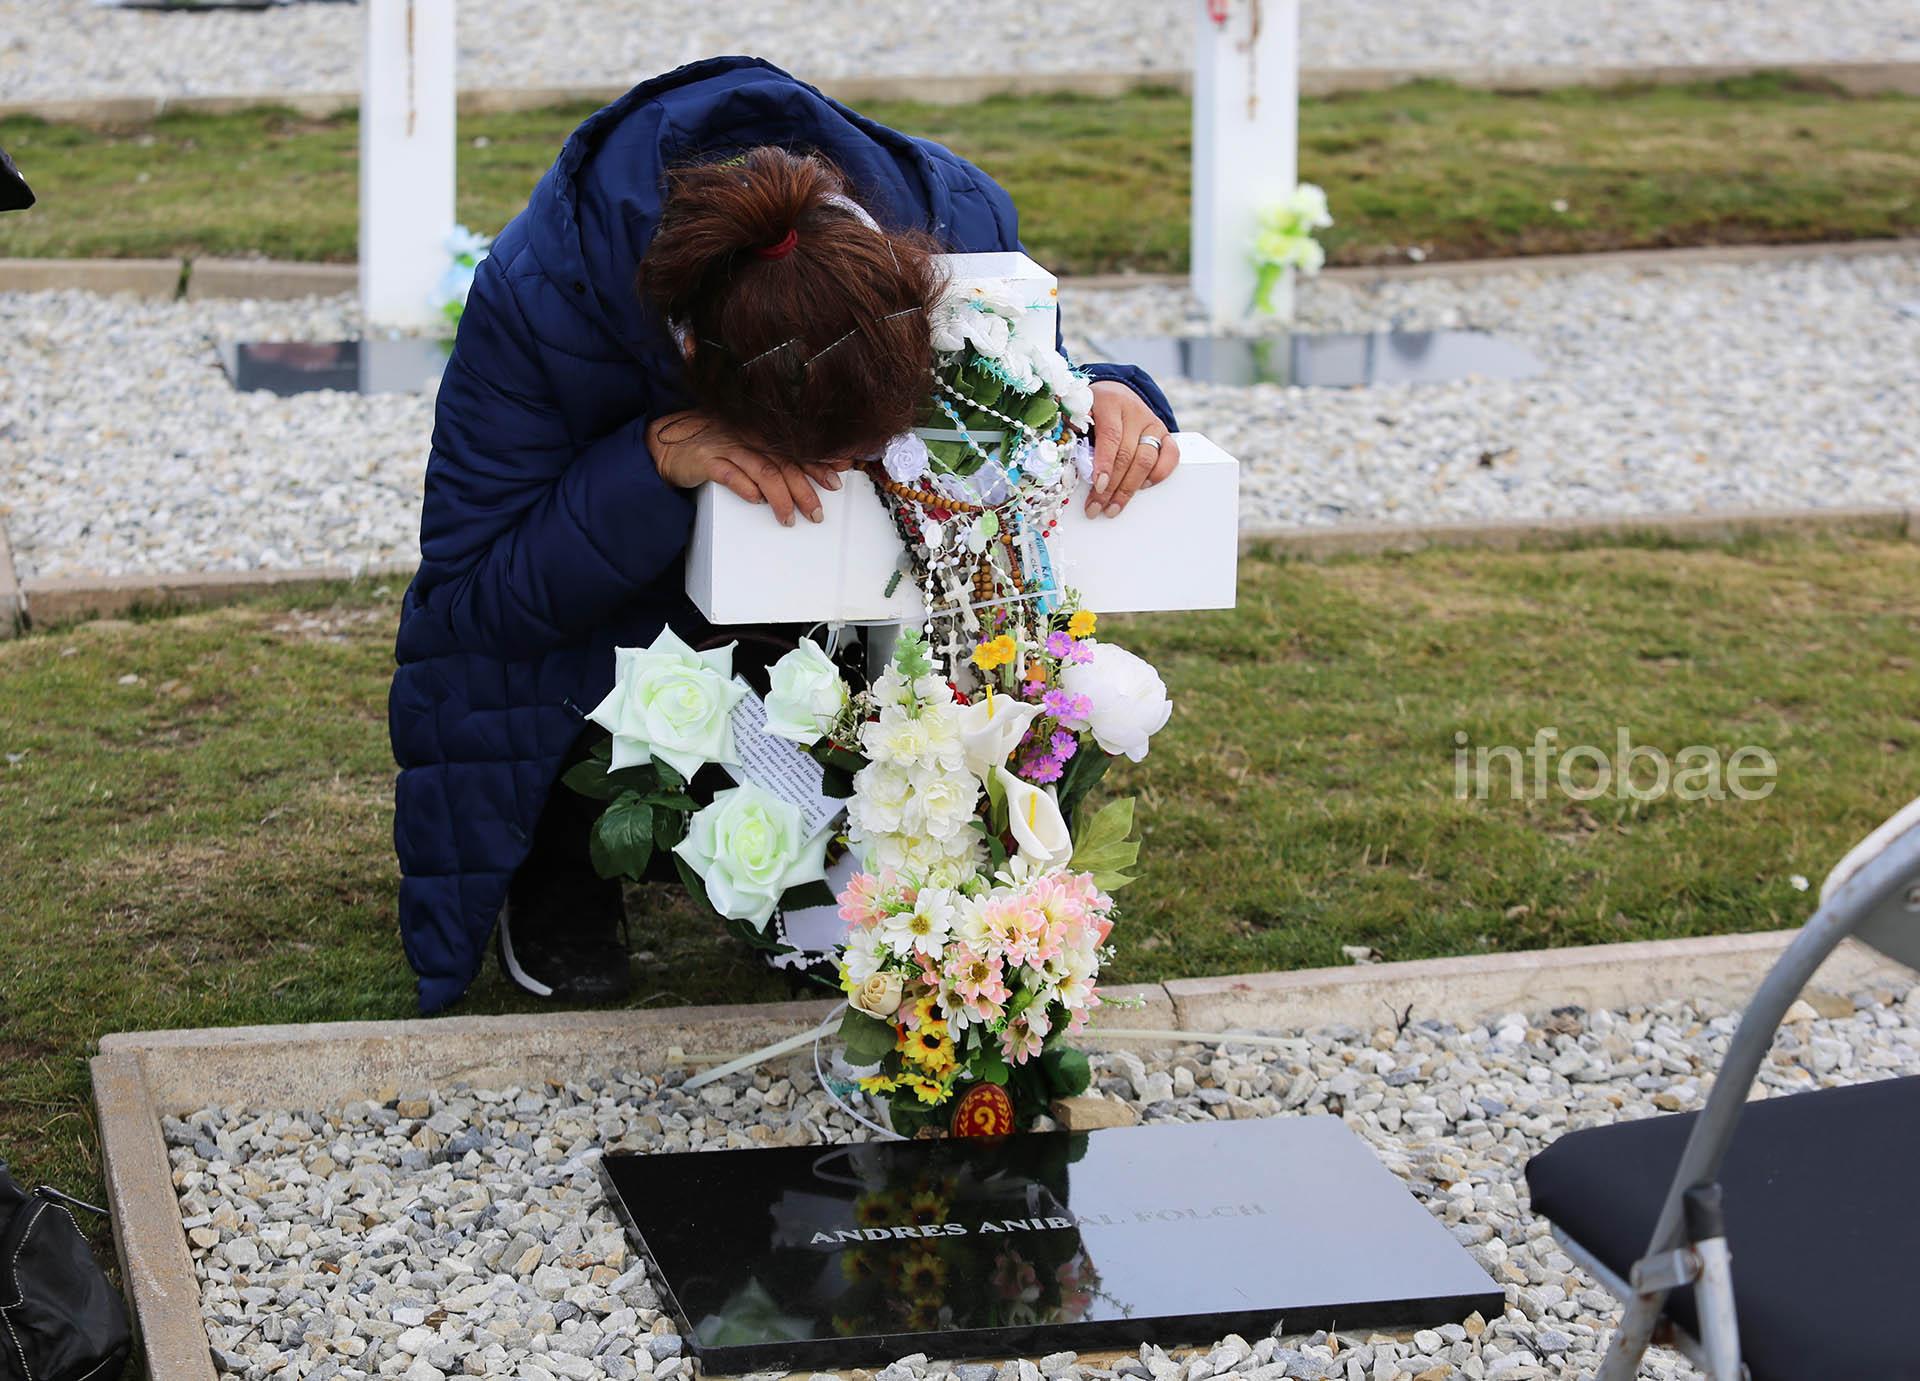 Las familias entregaron ofrendas de flores de tela y rosarios a las cruces de los caídos